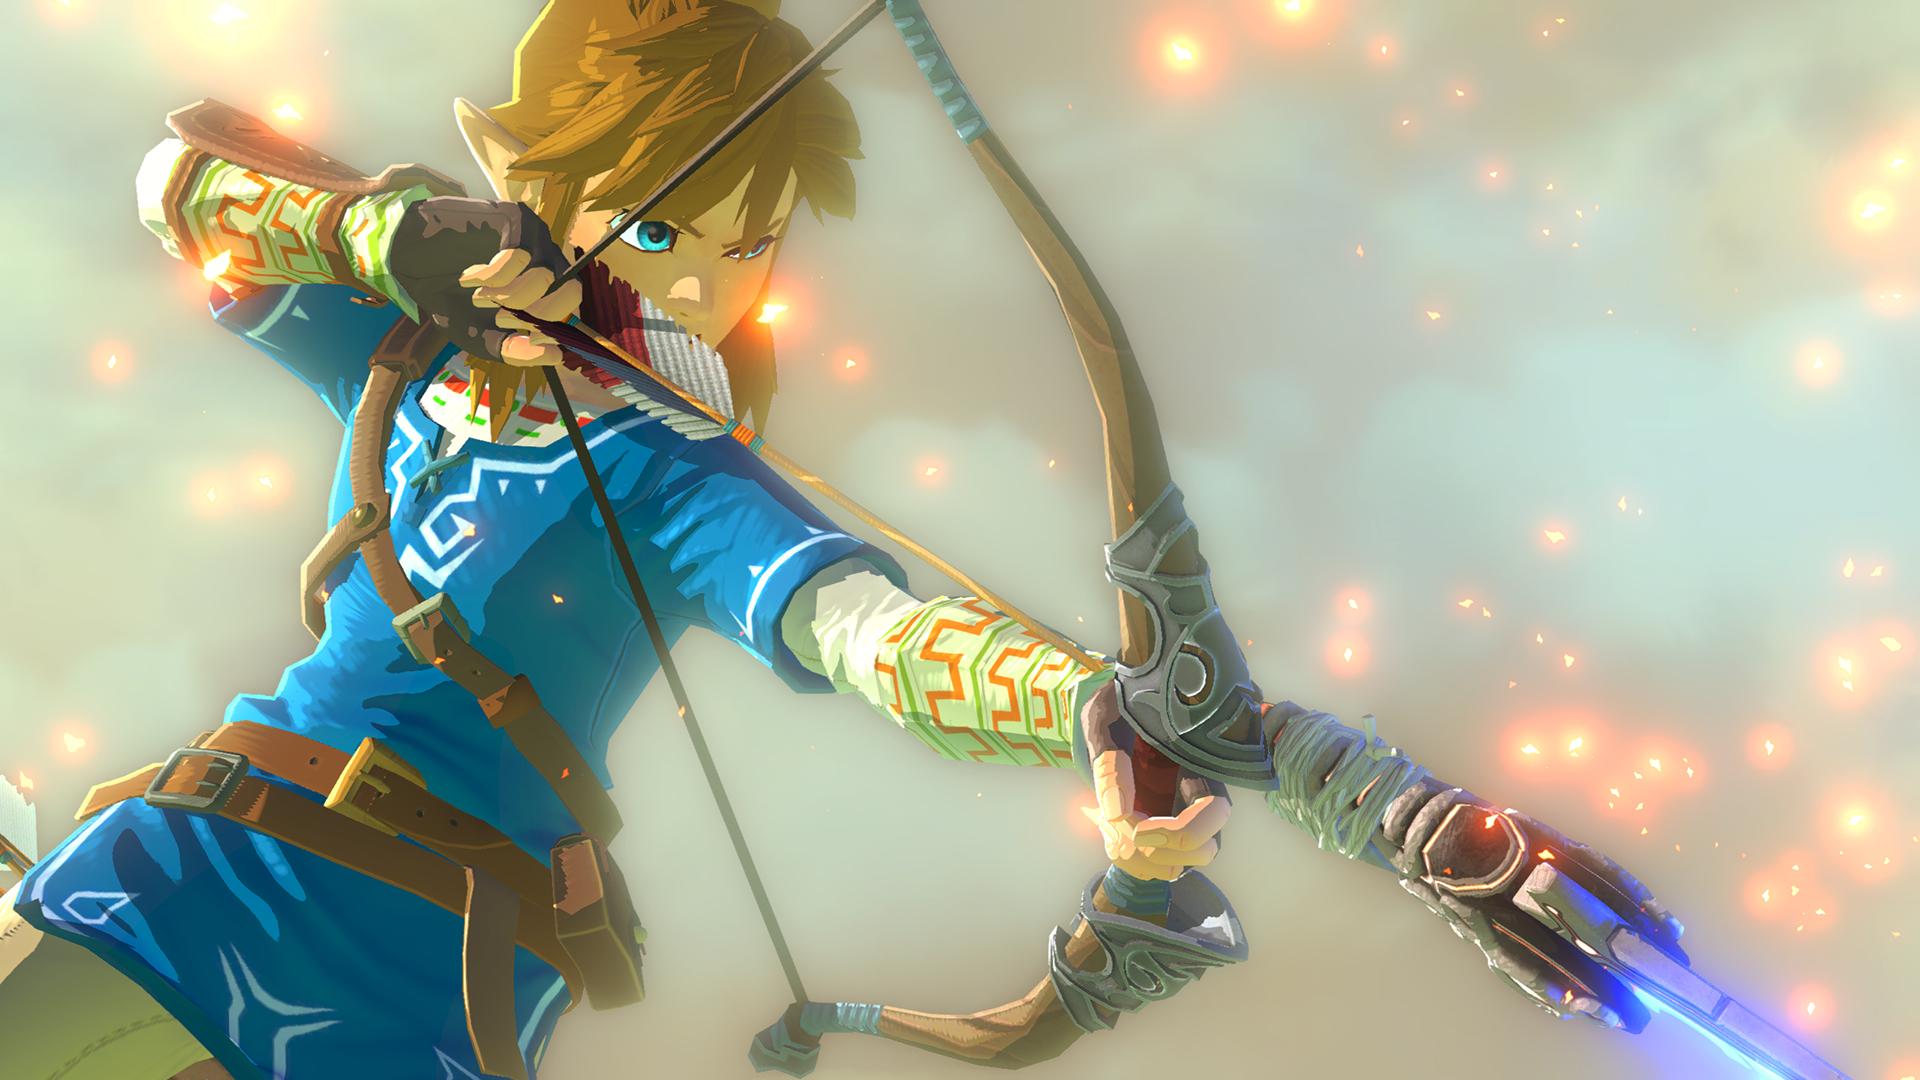 Une vidéo pour The Legend of Zelda sur Wii U